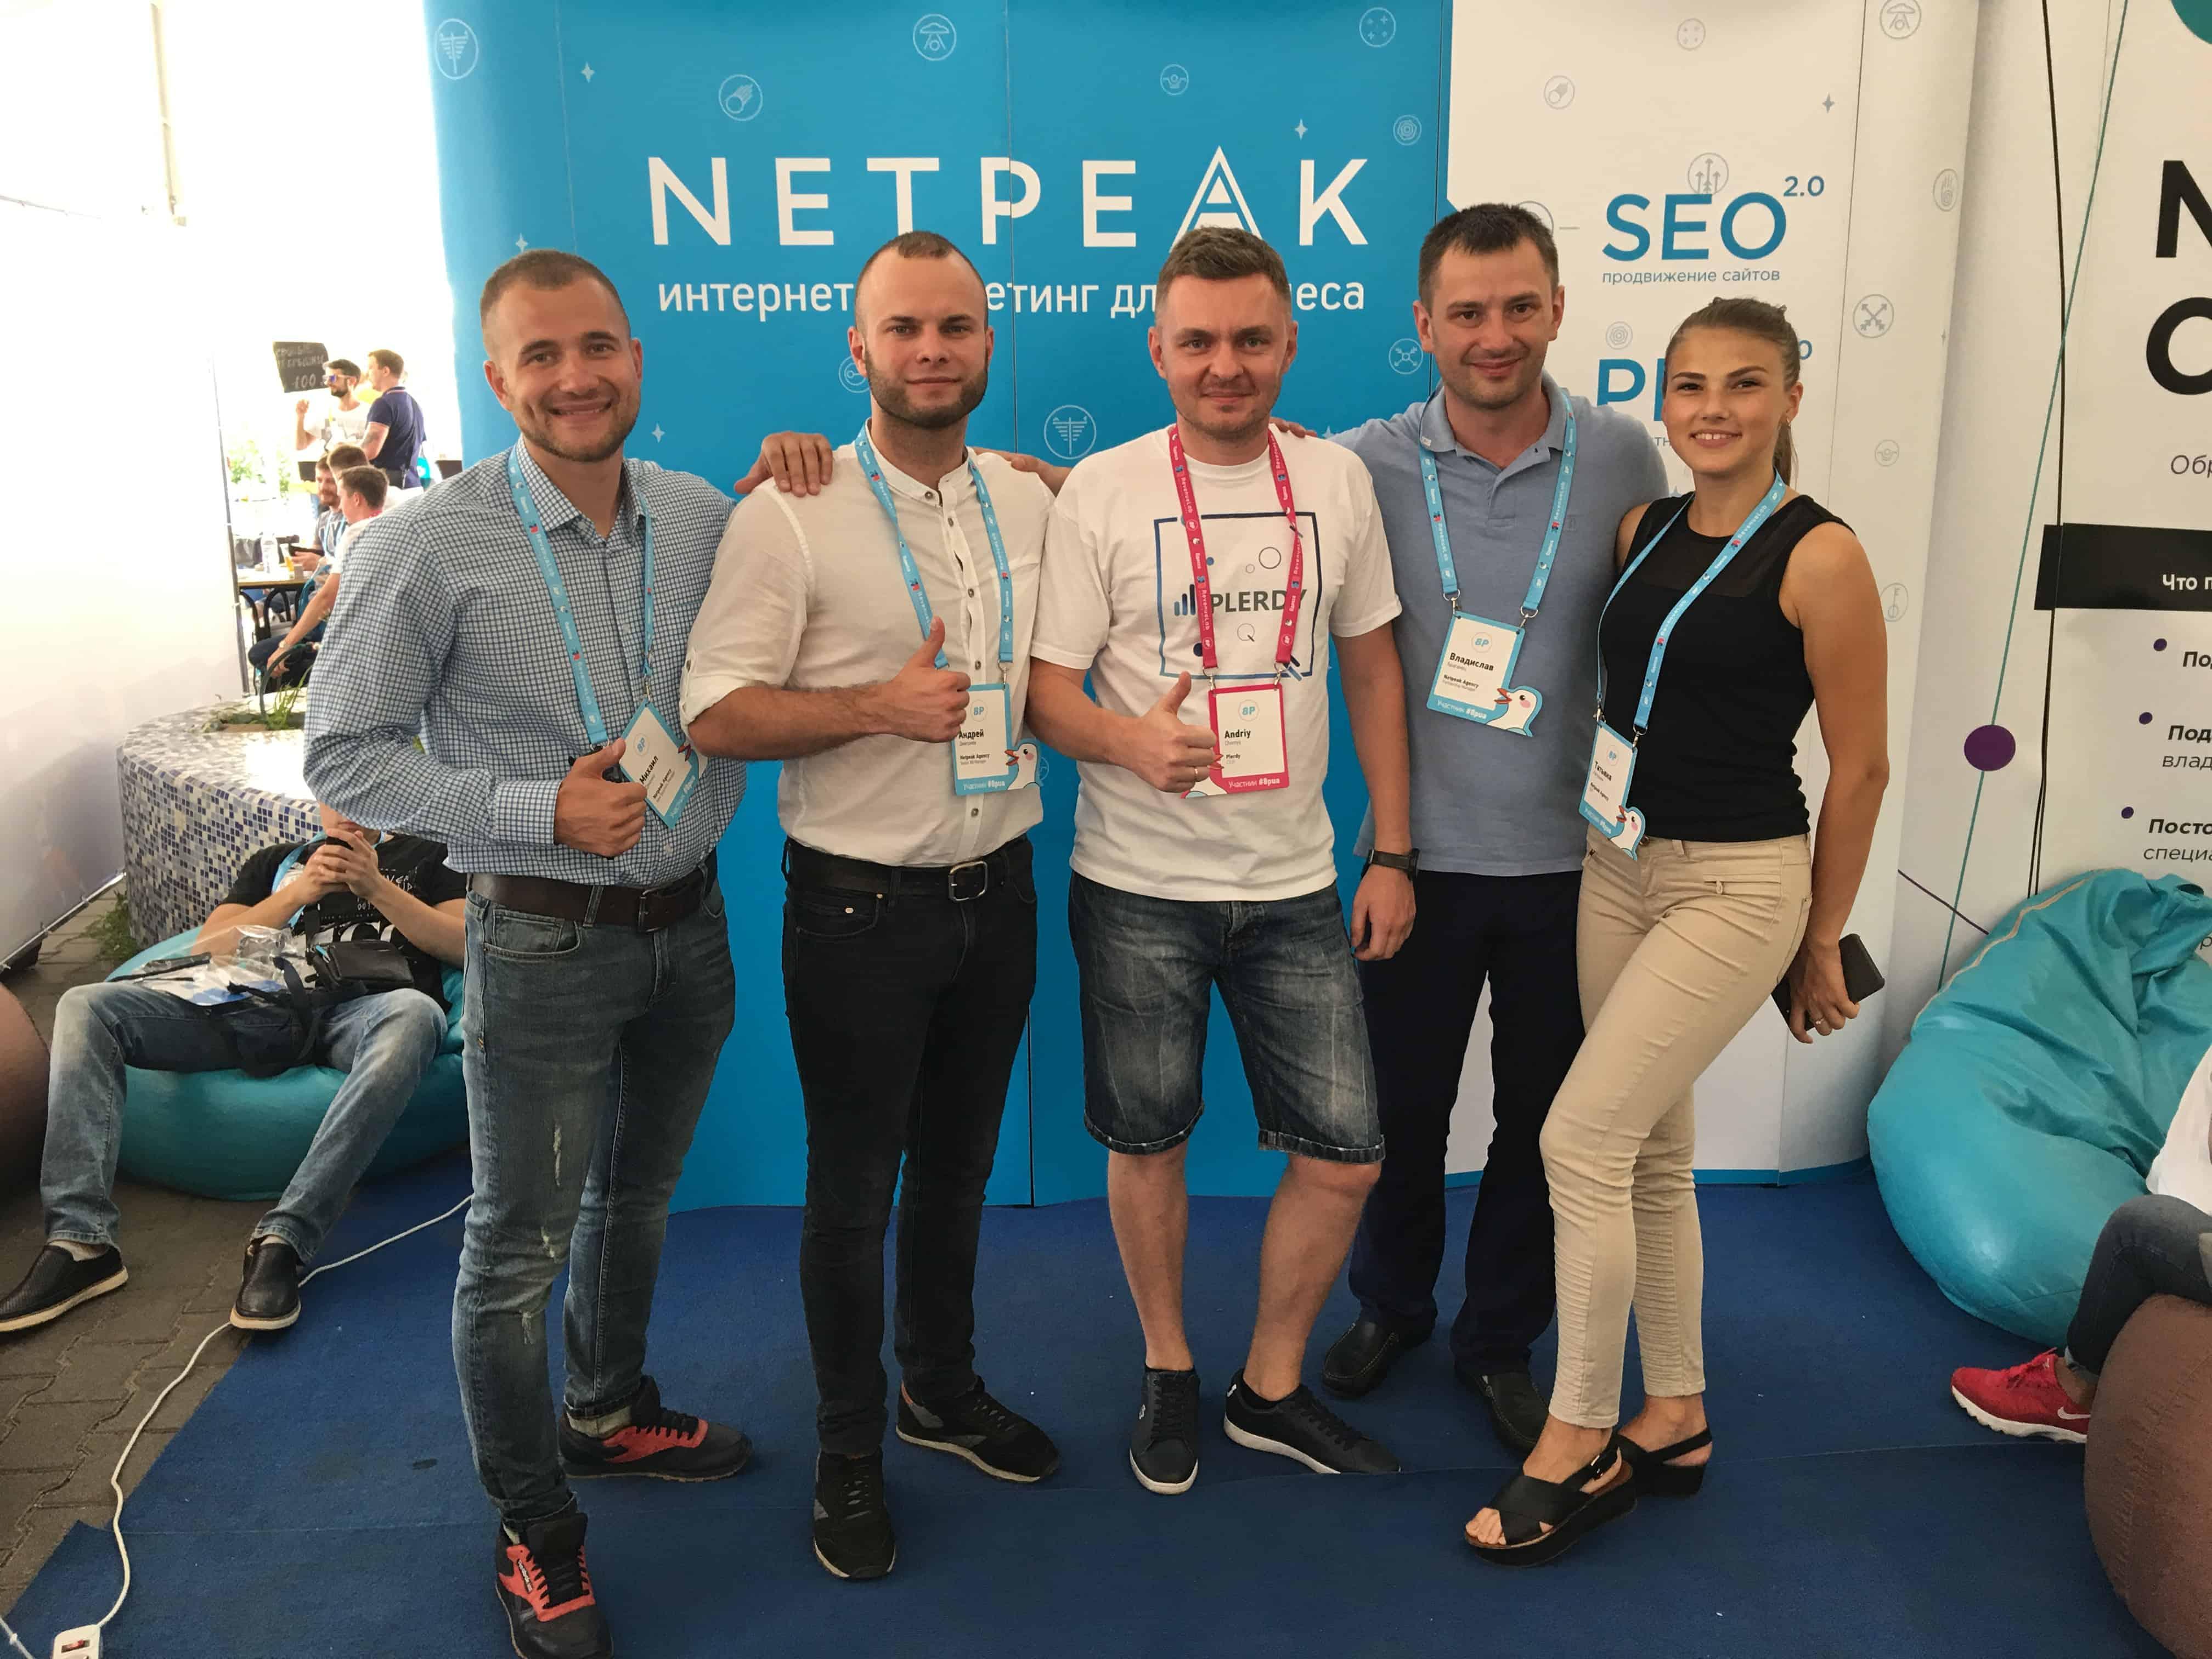 Зустріч з Netpeak